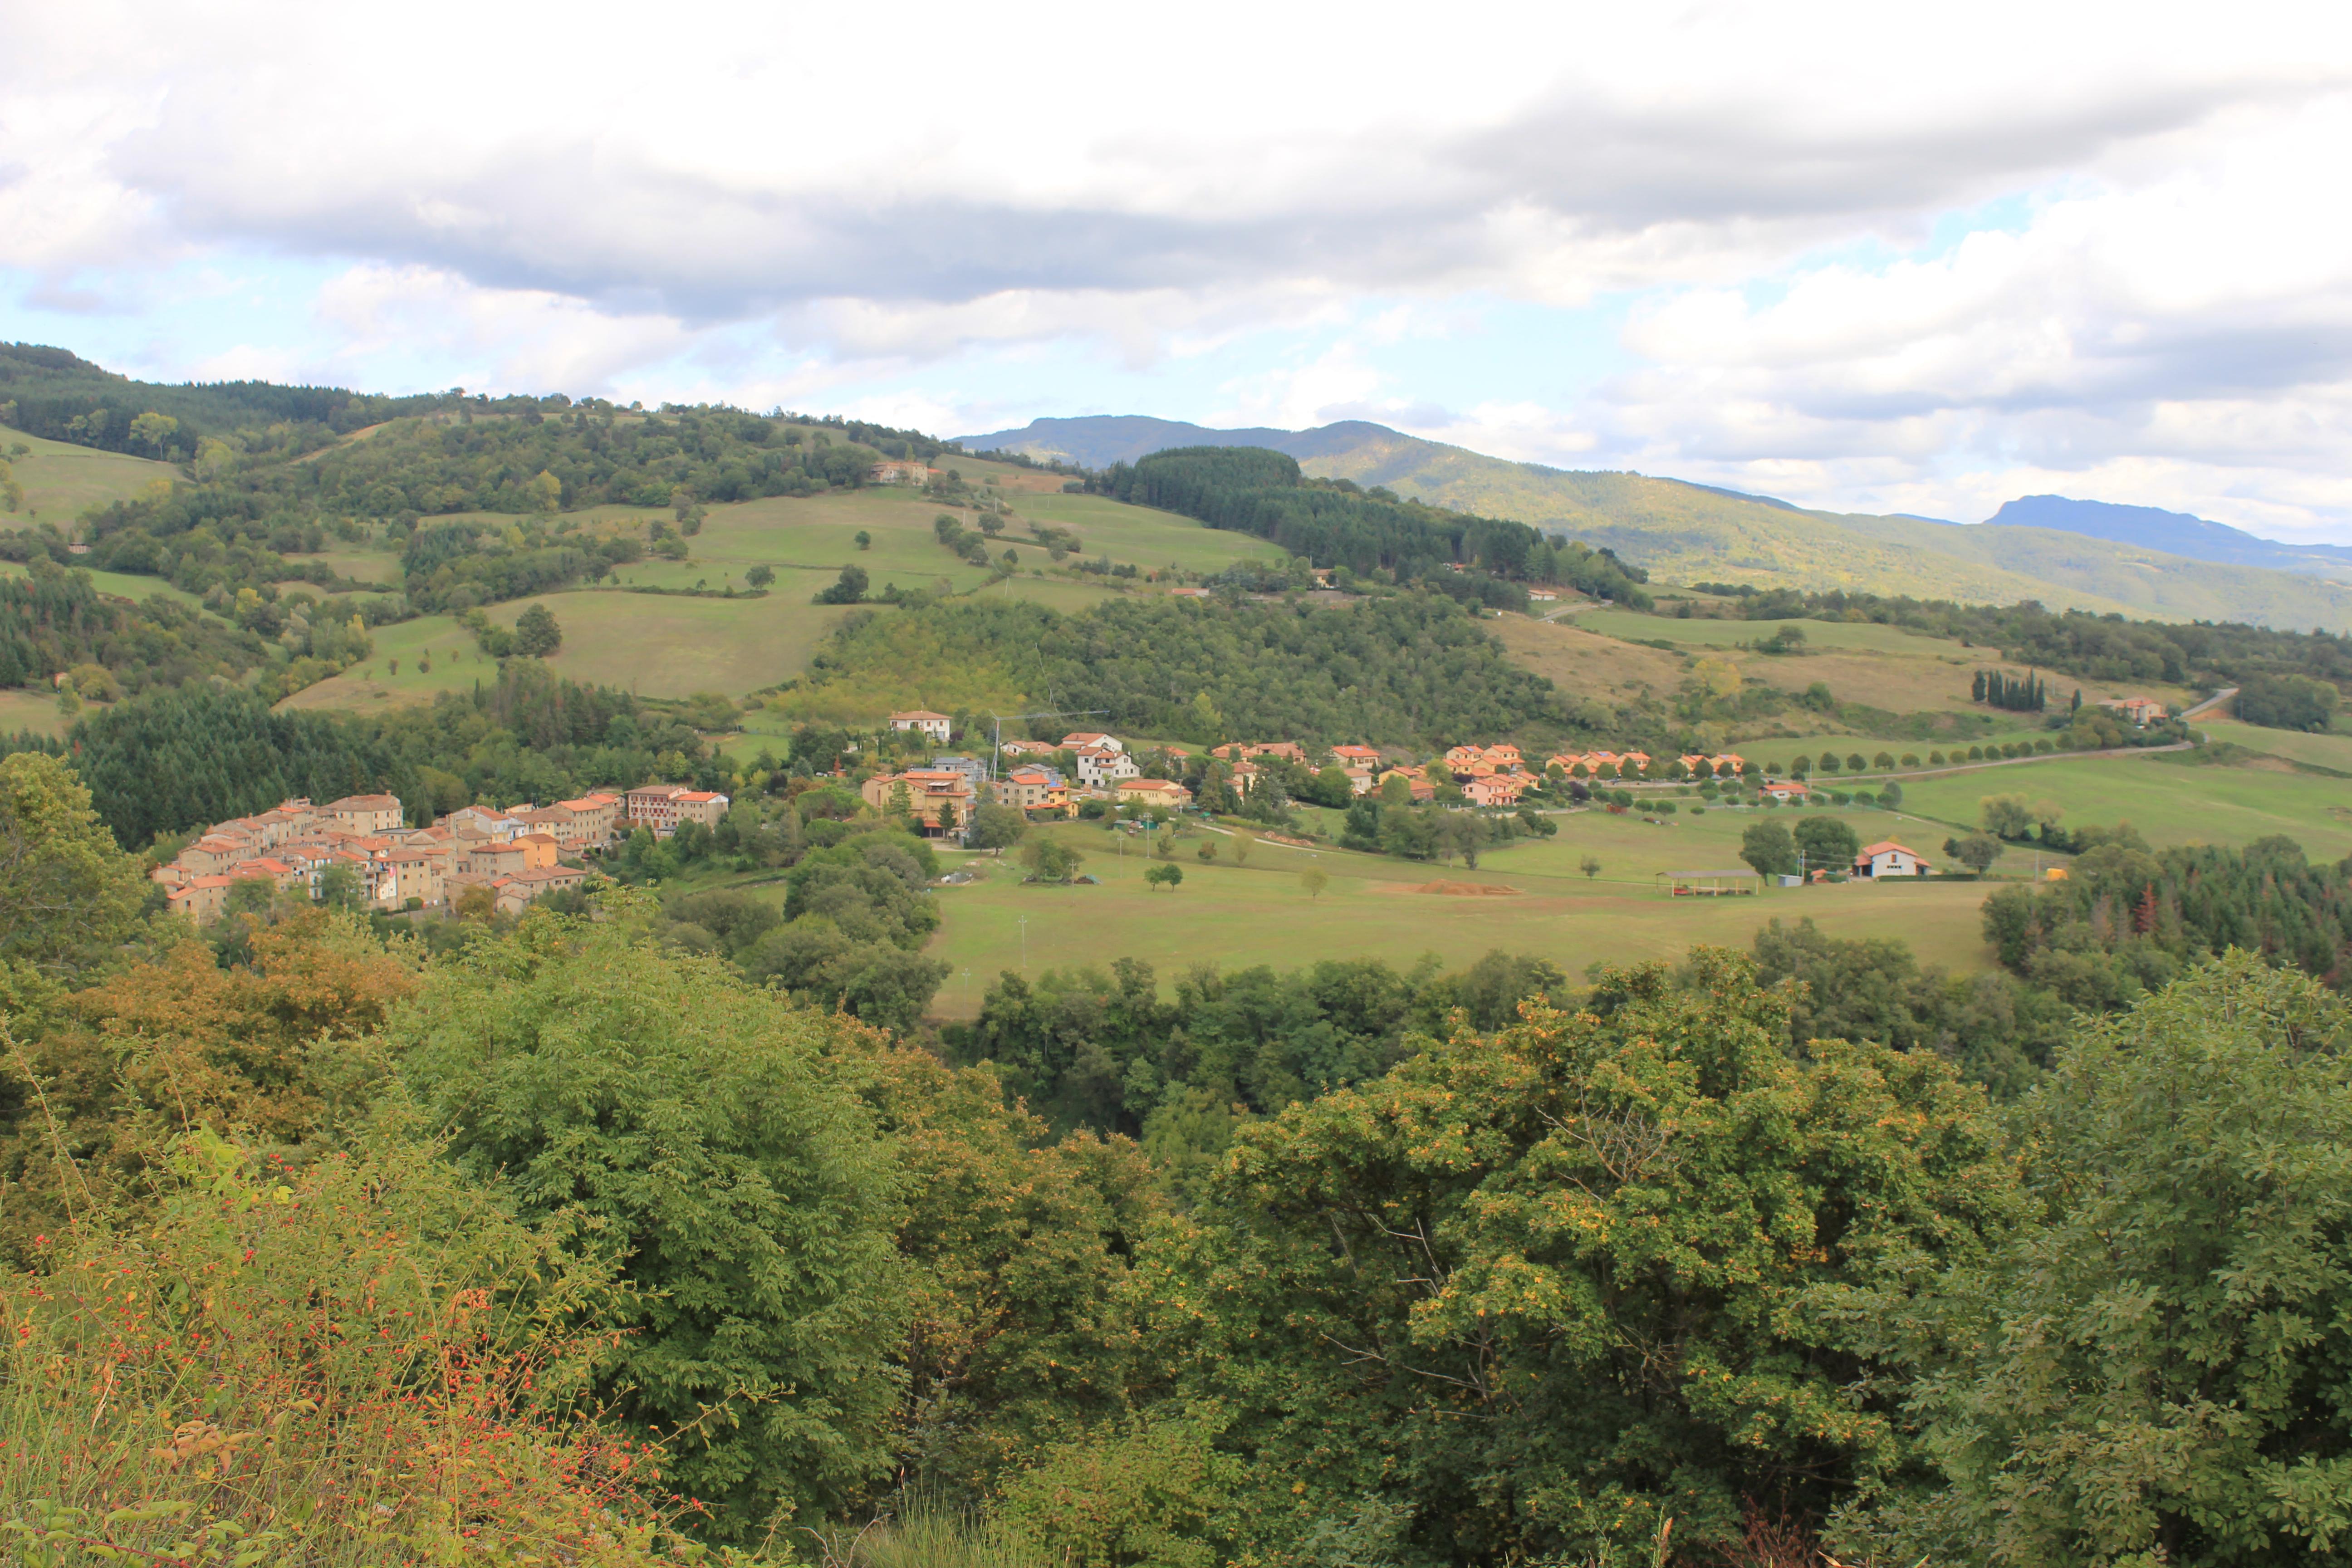 Lierna vista dalla strada che porta a Camaldoli